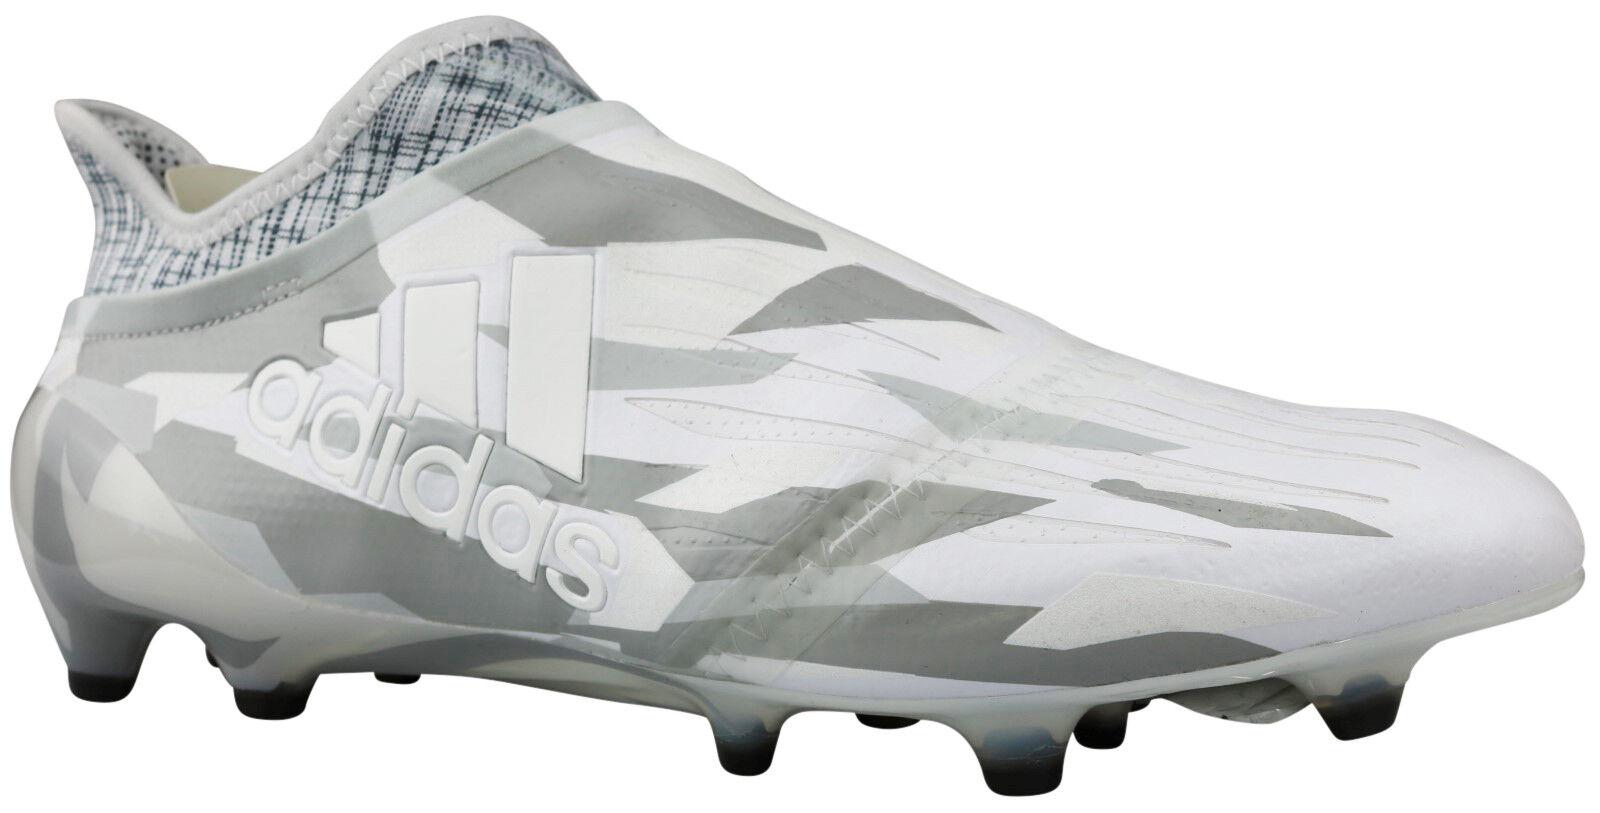 Adidas x 16+ Pure caos FG botas de fútbol levas bb1074 blancoo talla 39 - 46 nuevo embalaje original